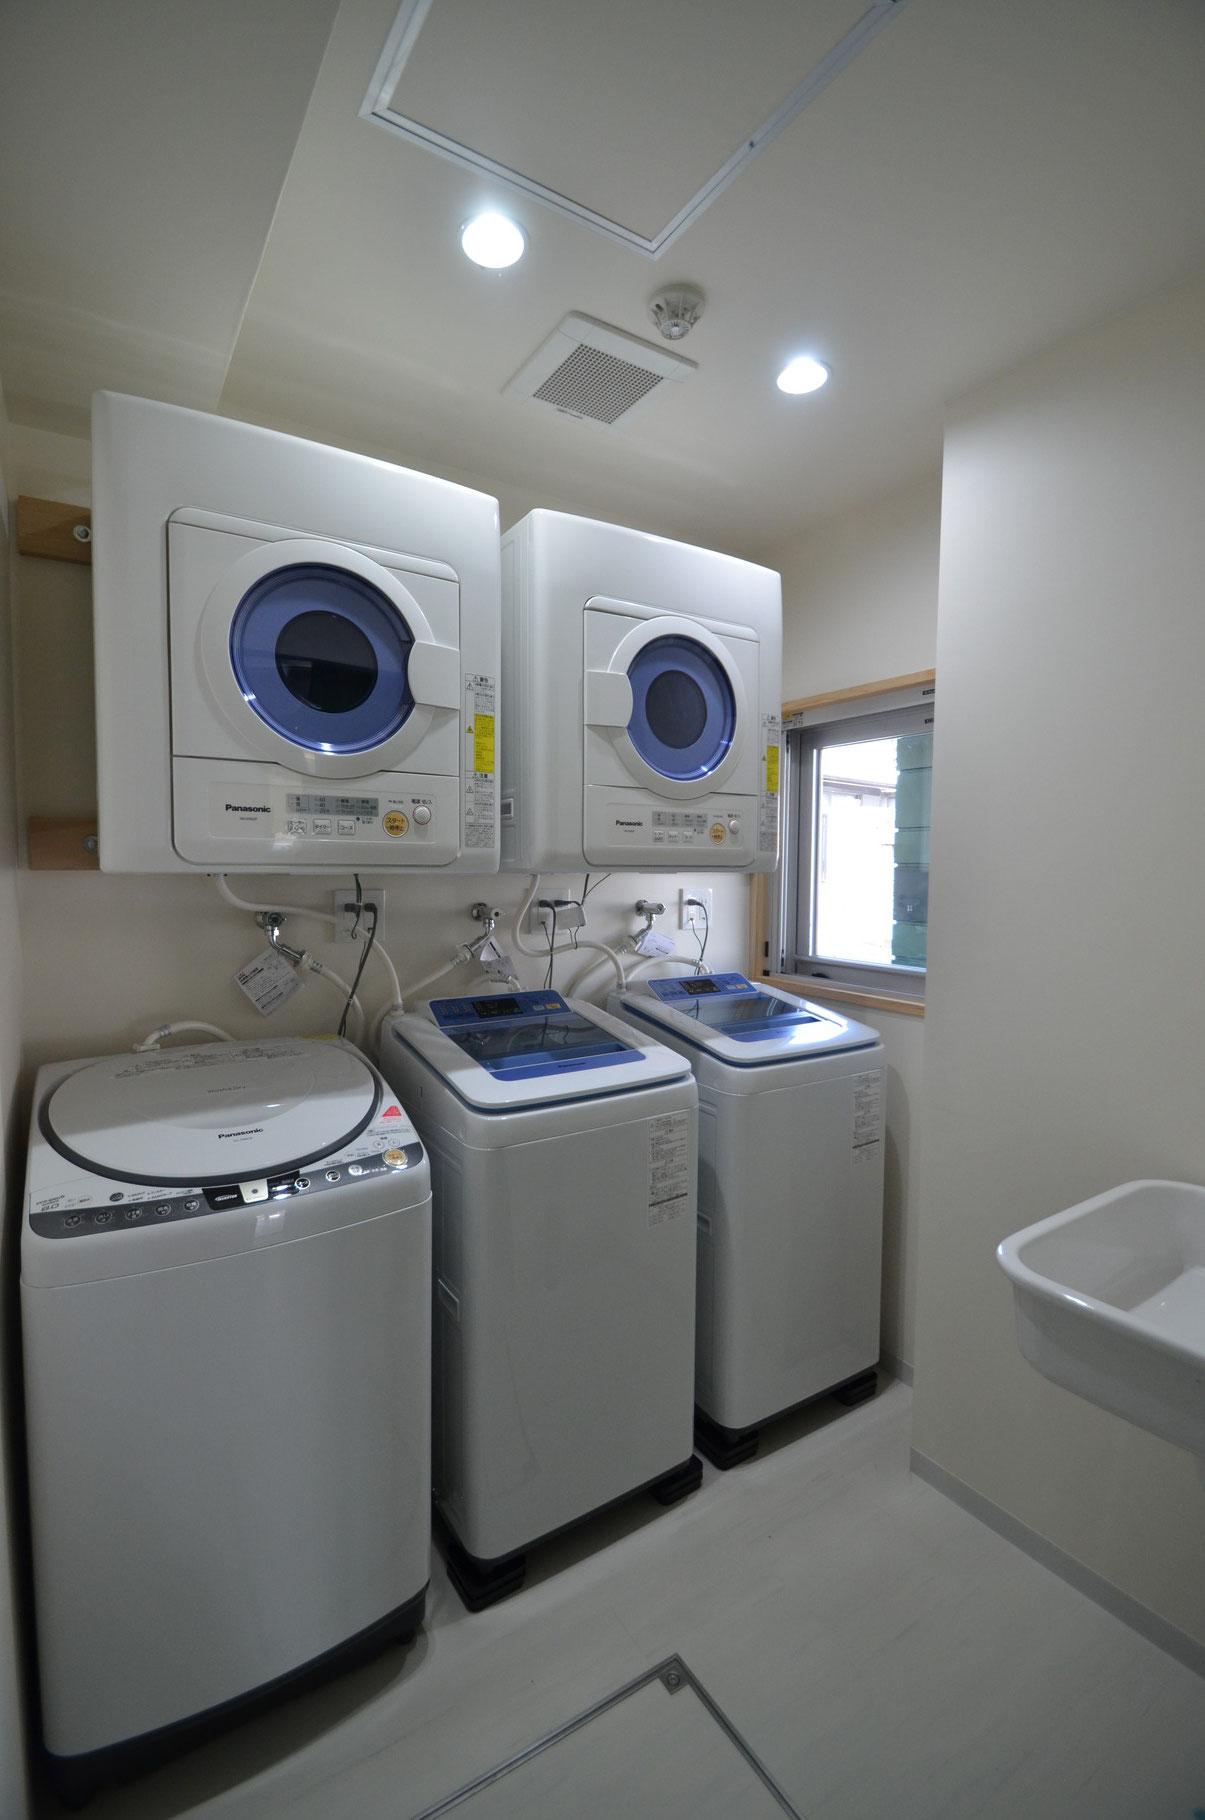 洗濯室に洗濯機が3台。大量の洗濯物も一気に洗う裏技も。